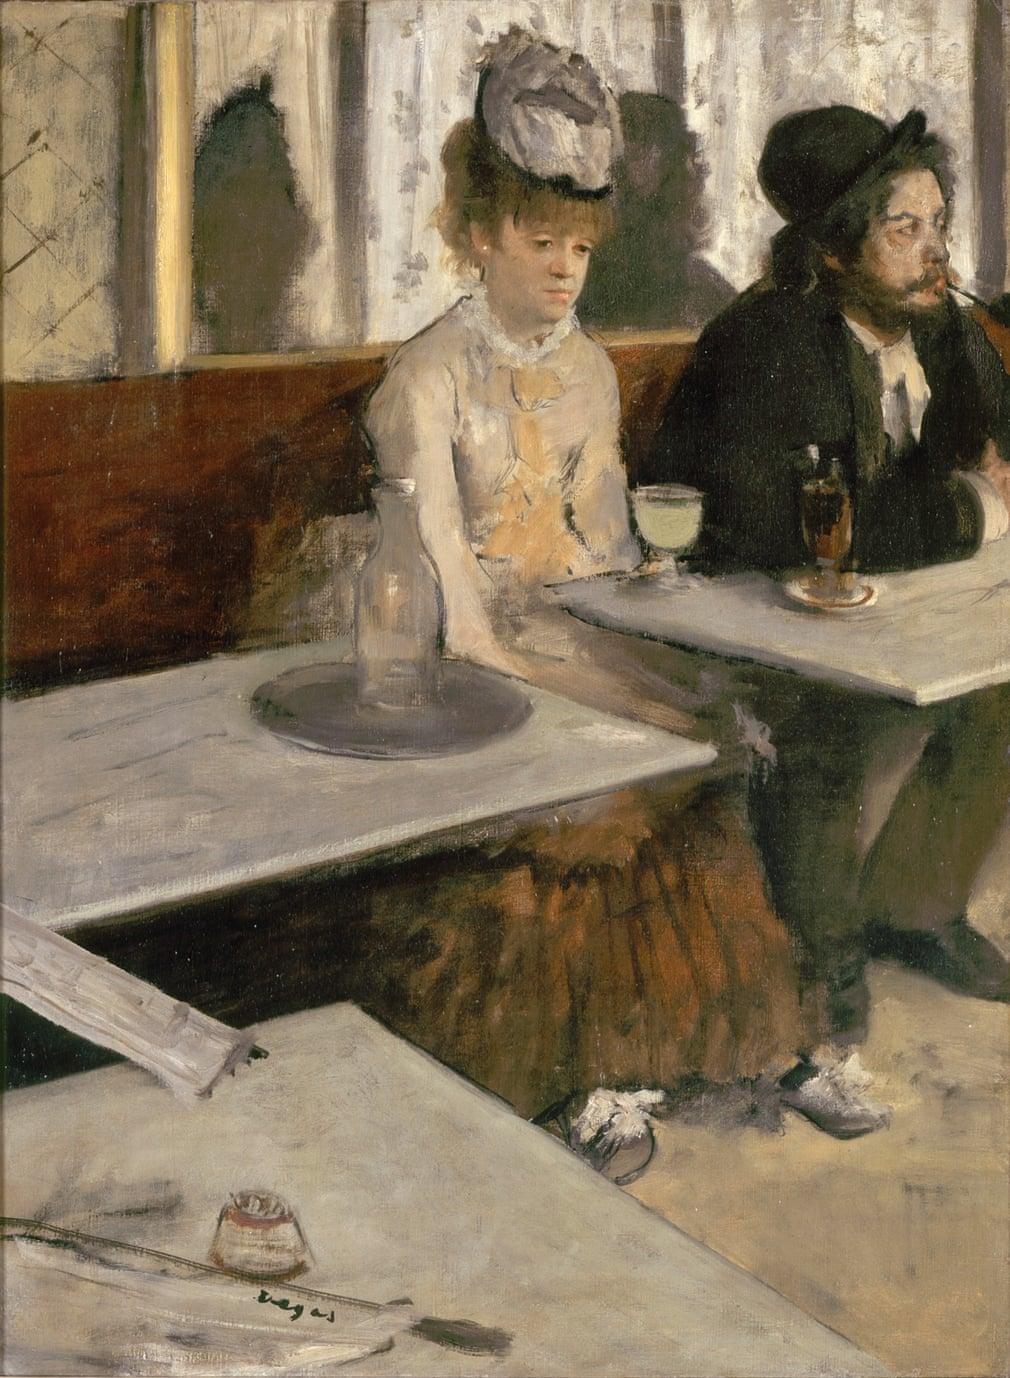 Edgar Degas : L'Absinthe, 1875-76